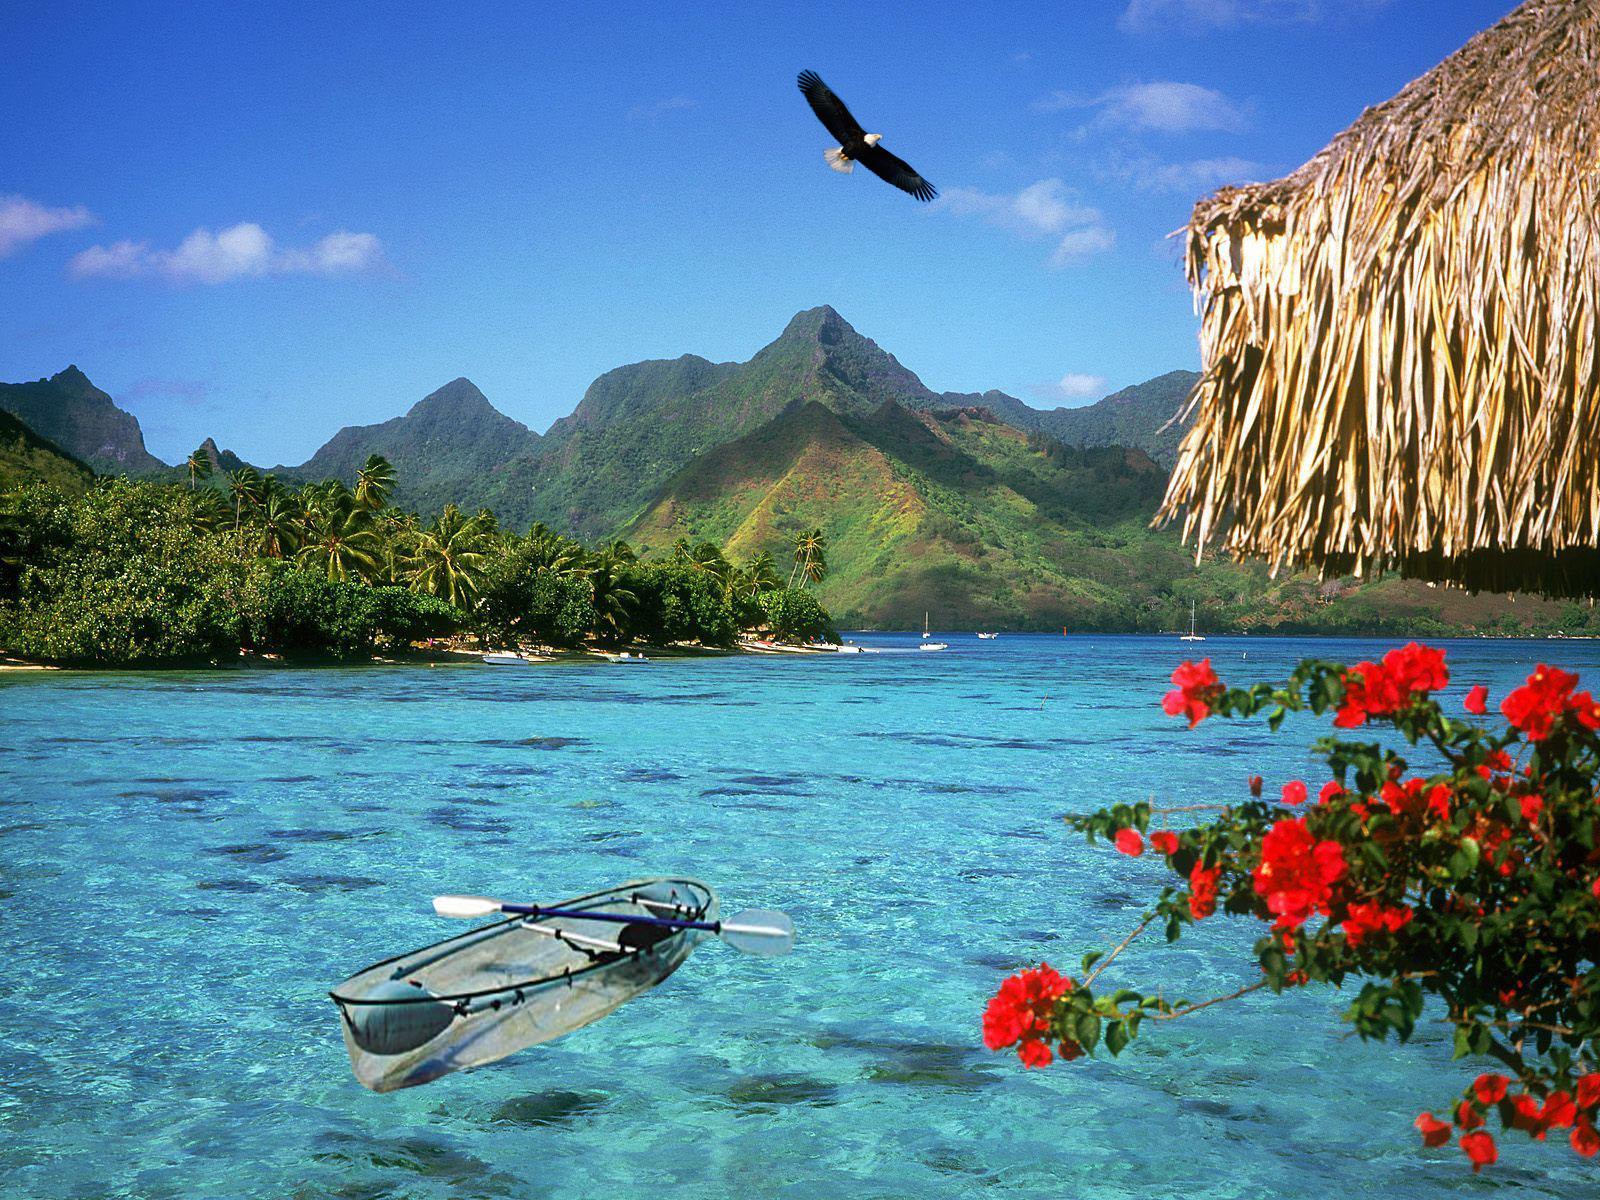 În sezonul cald, florile colorate evidențiază și mai mult frumusețea lacului